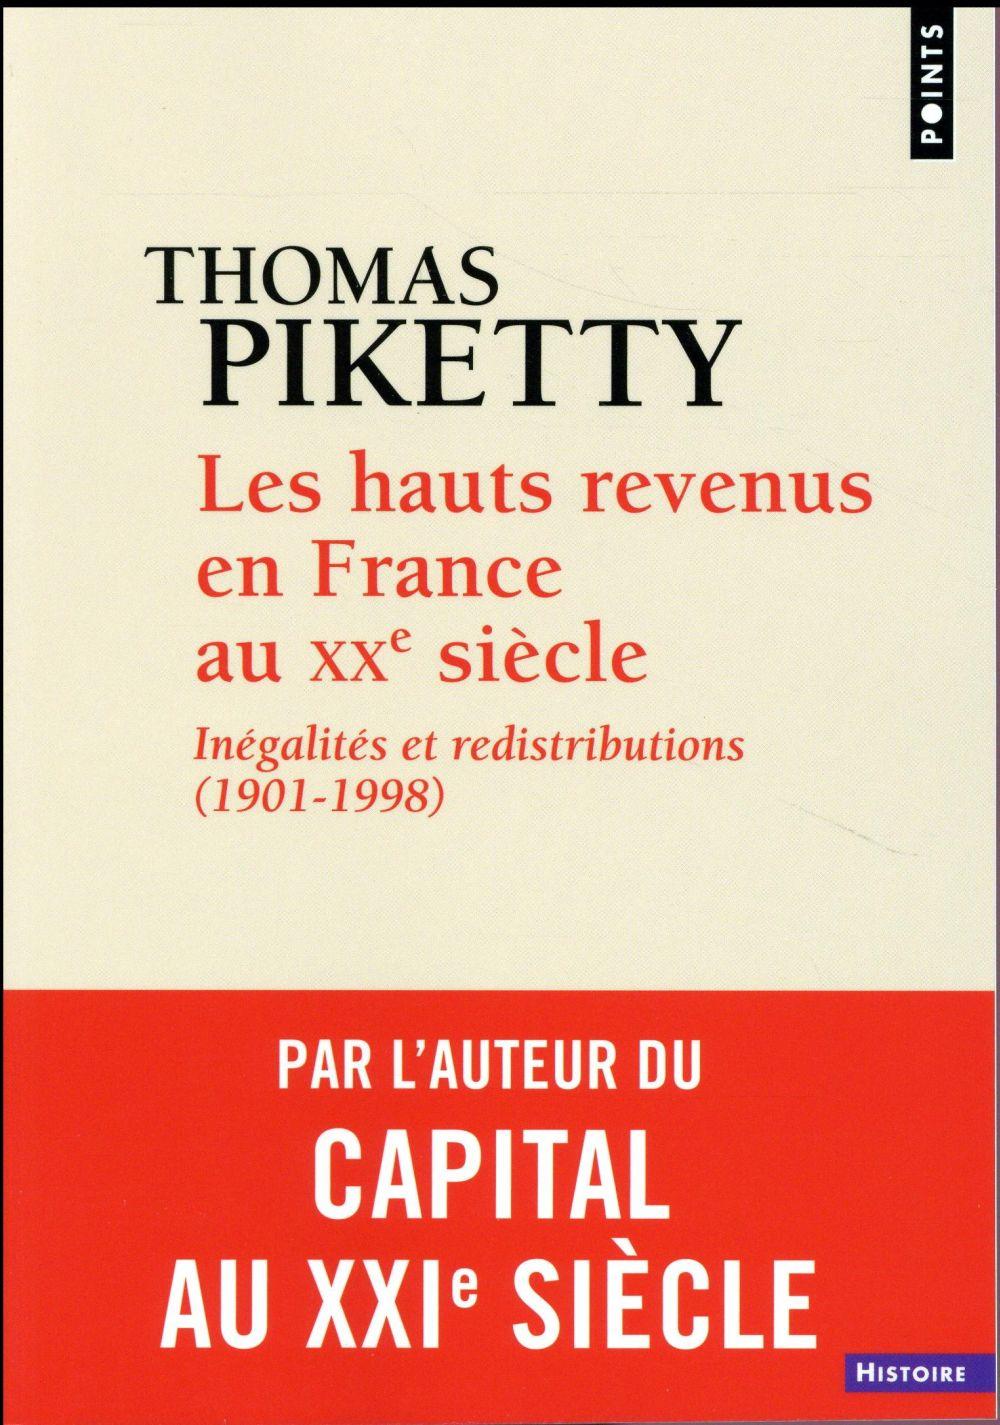 les hauts revenus en France au XXe siècle ; inégalites et redistributions (1901-1998)